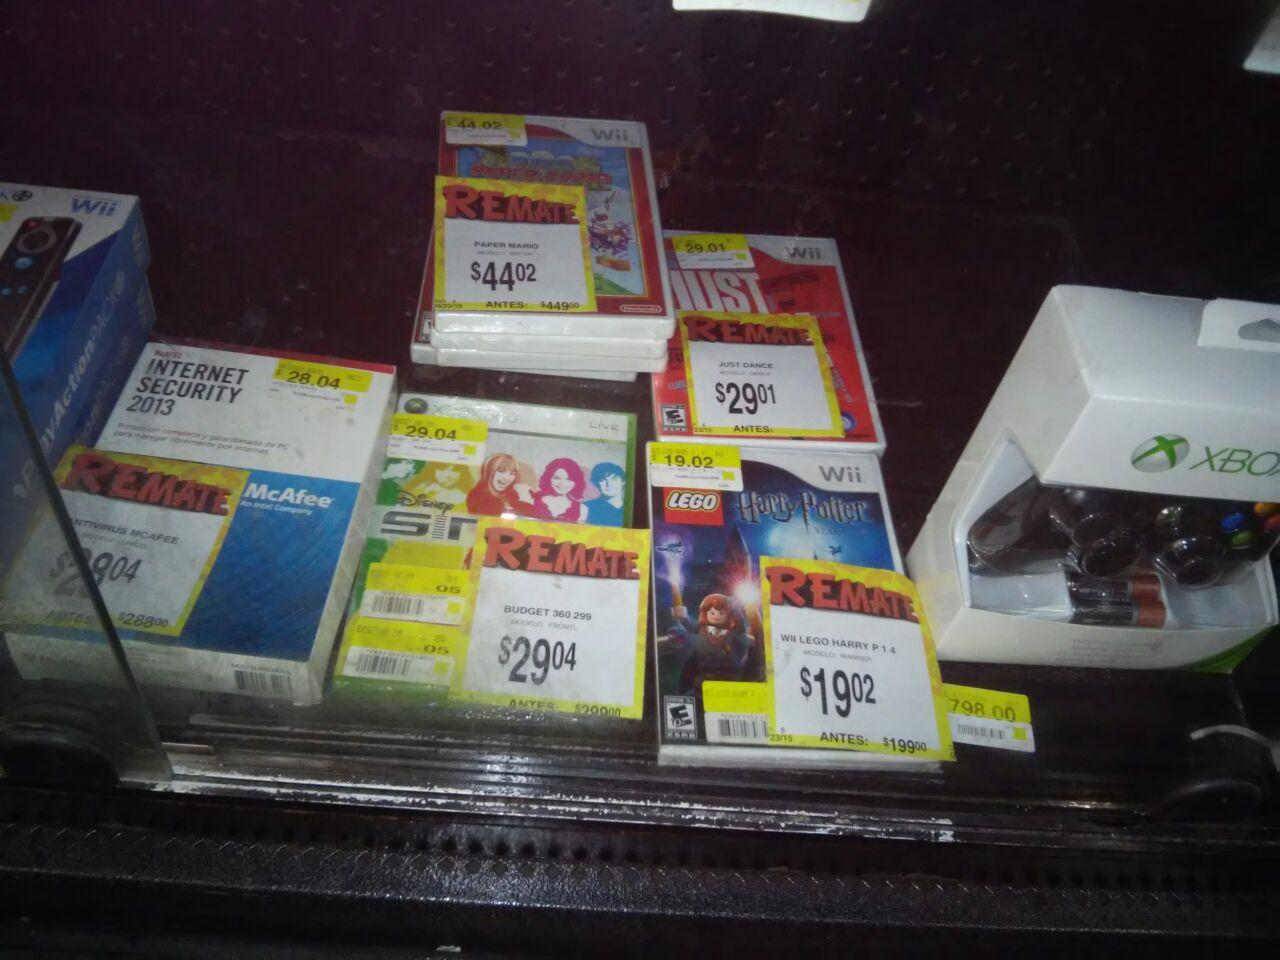 Bodega Aurrerá: Juegos Wii a $19.02 y otras ofertas